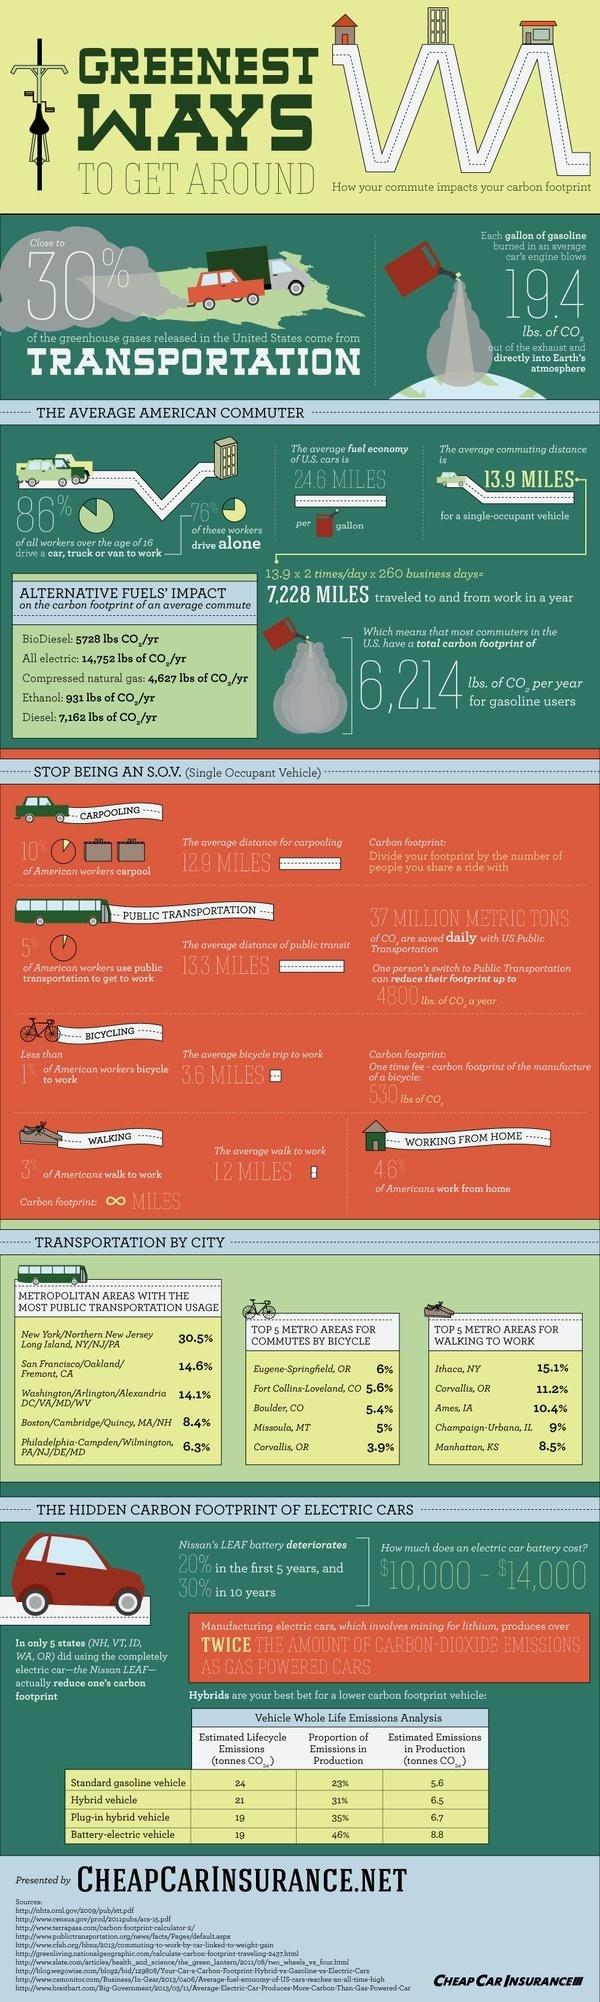 Greenest Ways to Get Around #infographic